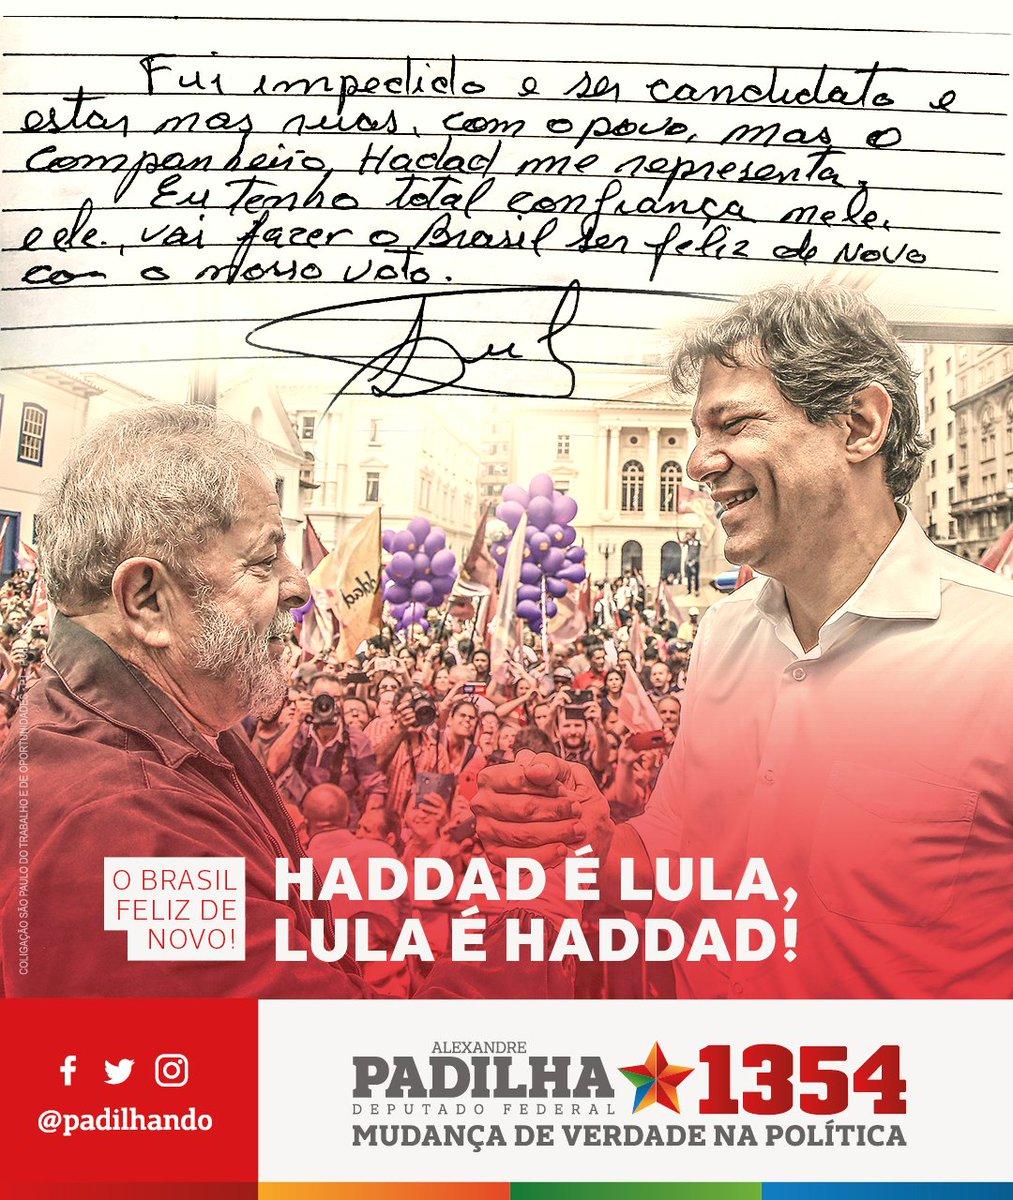 Atenção! O Lula tem um importante recado a dar para toda a nação! A esperança vai vencer o ódio! O povo não aceita perder direitos conquistados com muita luta! É 13! #Padilha1354 #MudançaDeVerdade #HaddadÉLula